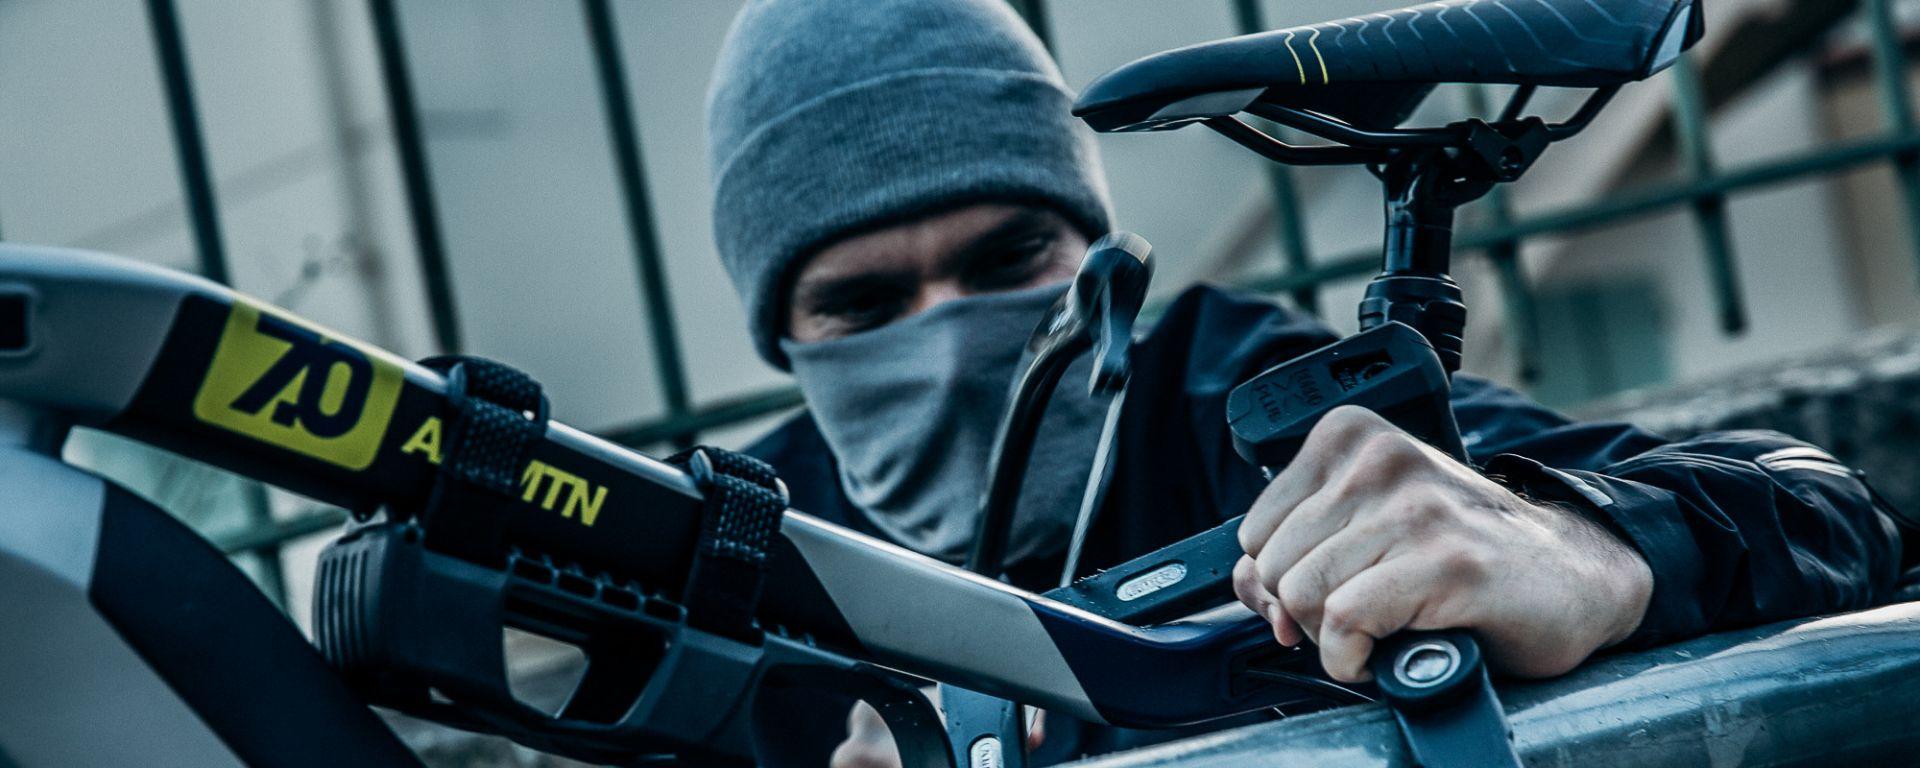 Bikeplatinum, assicurazione contro il furto delle e-bike